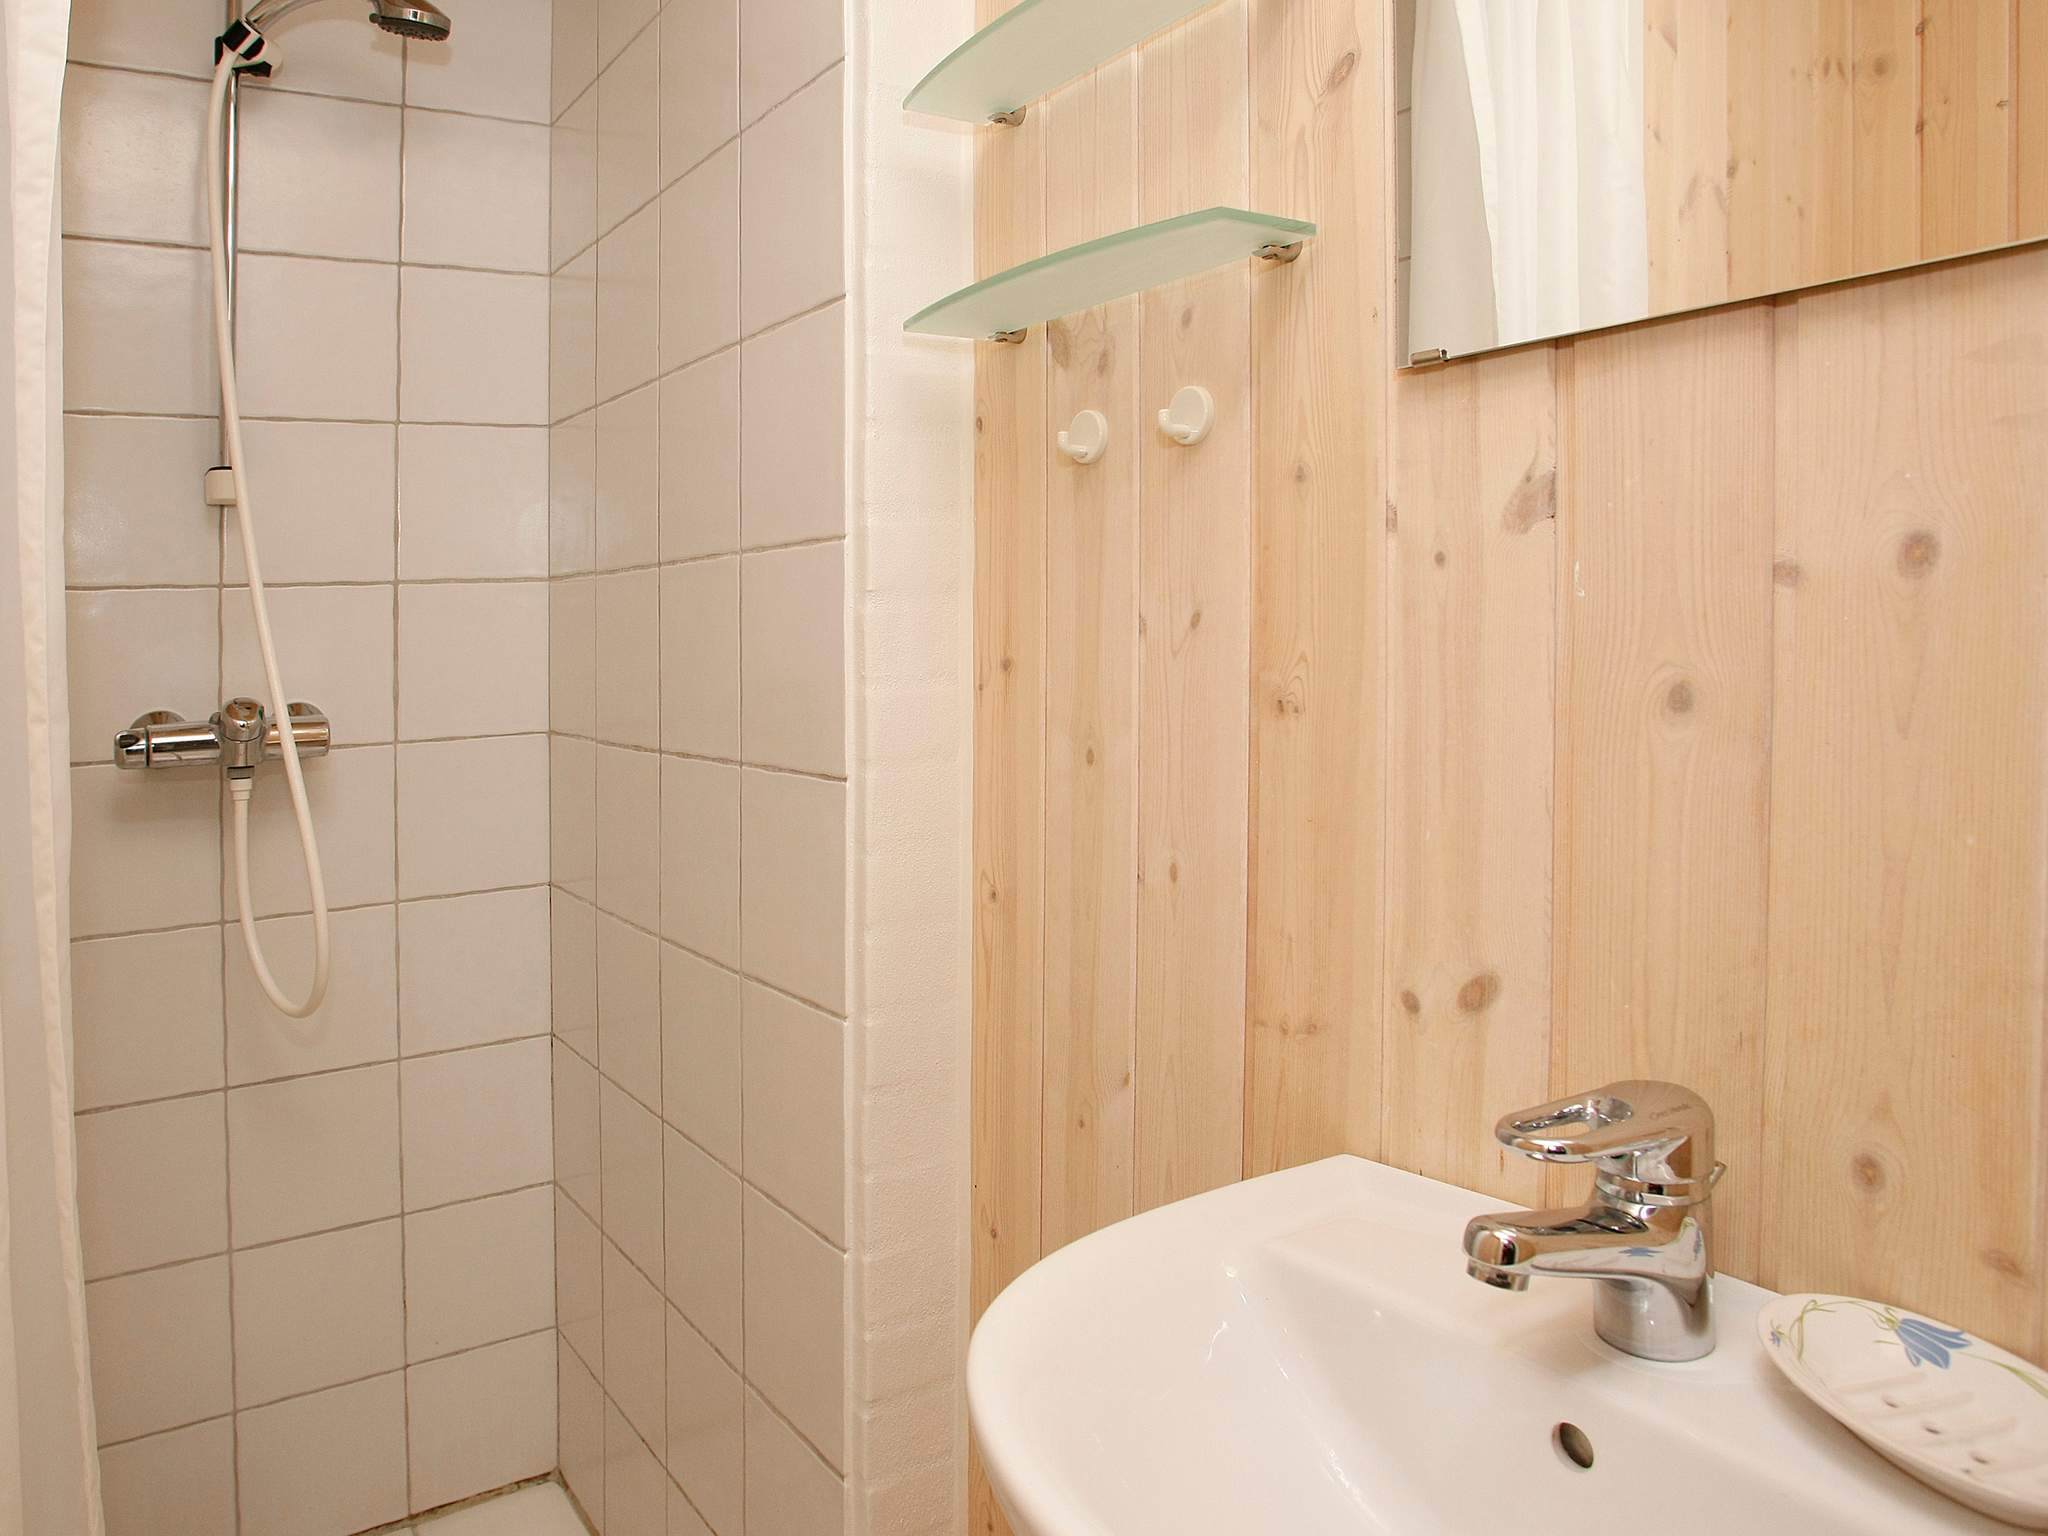 Ferienhaus Løkken (84203), Løkken, , Nordwestjütland, Dänemark, Bild 13